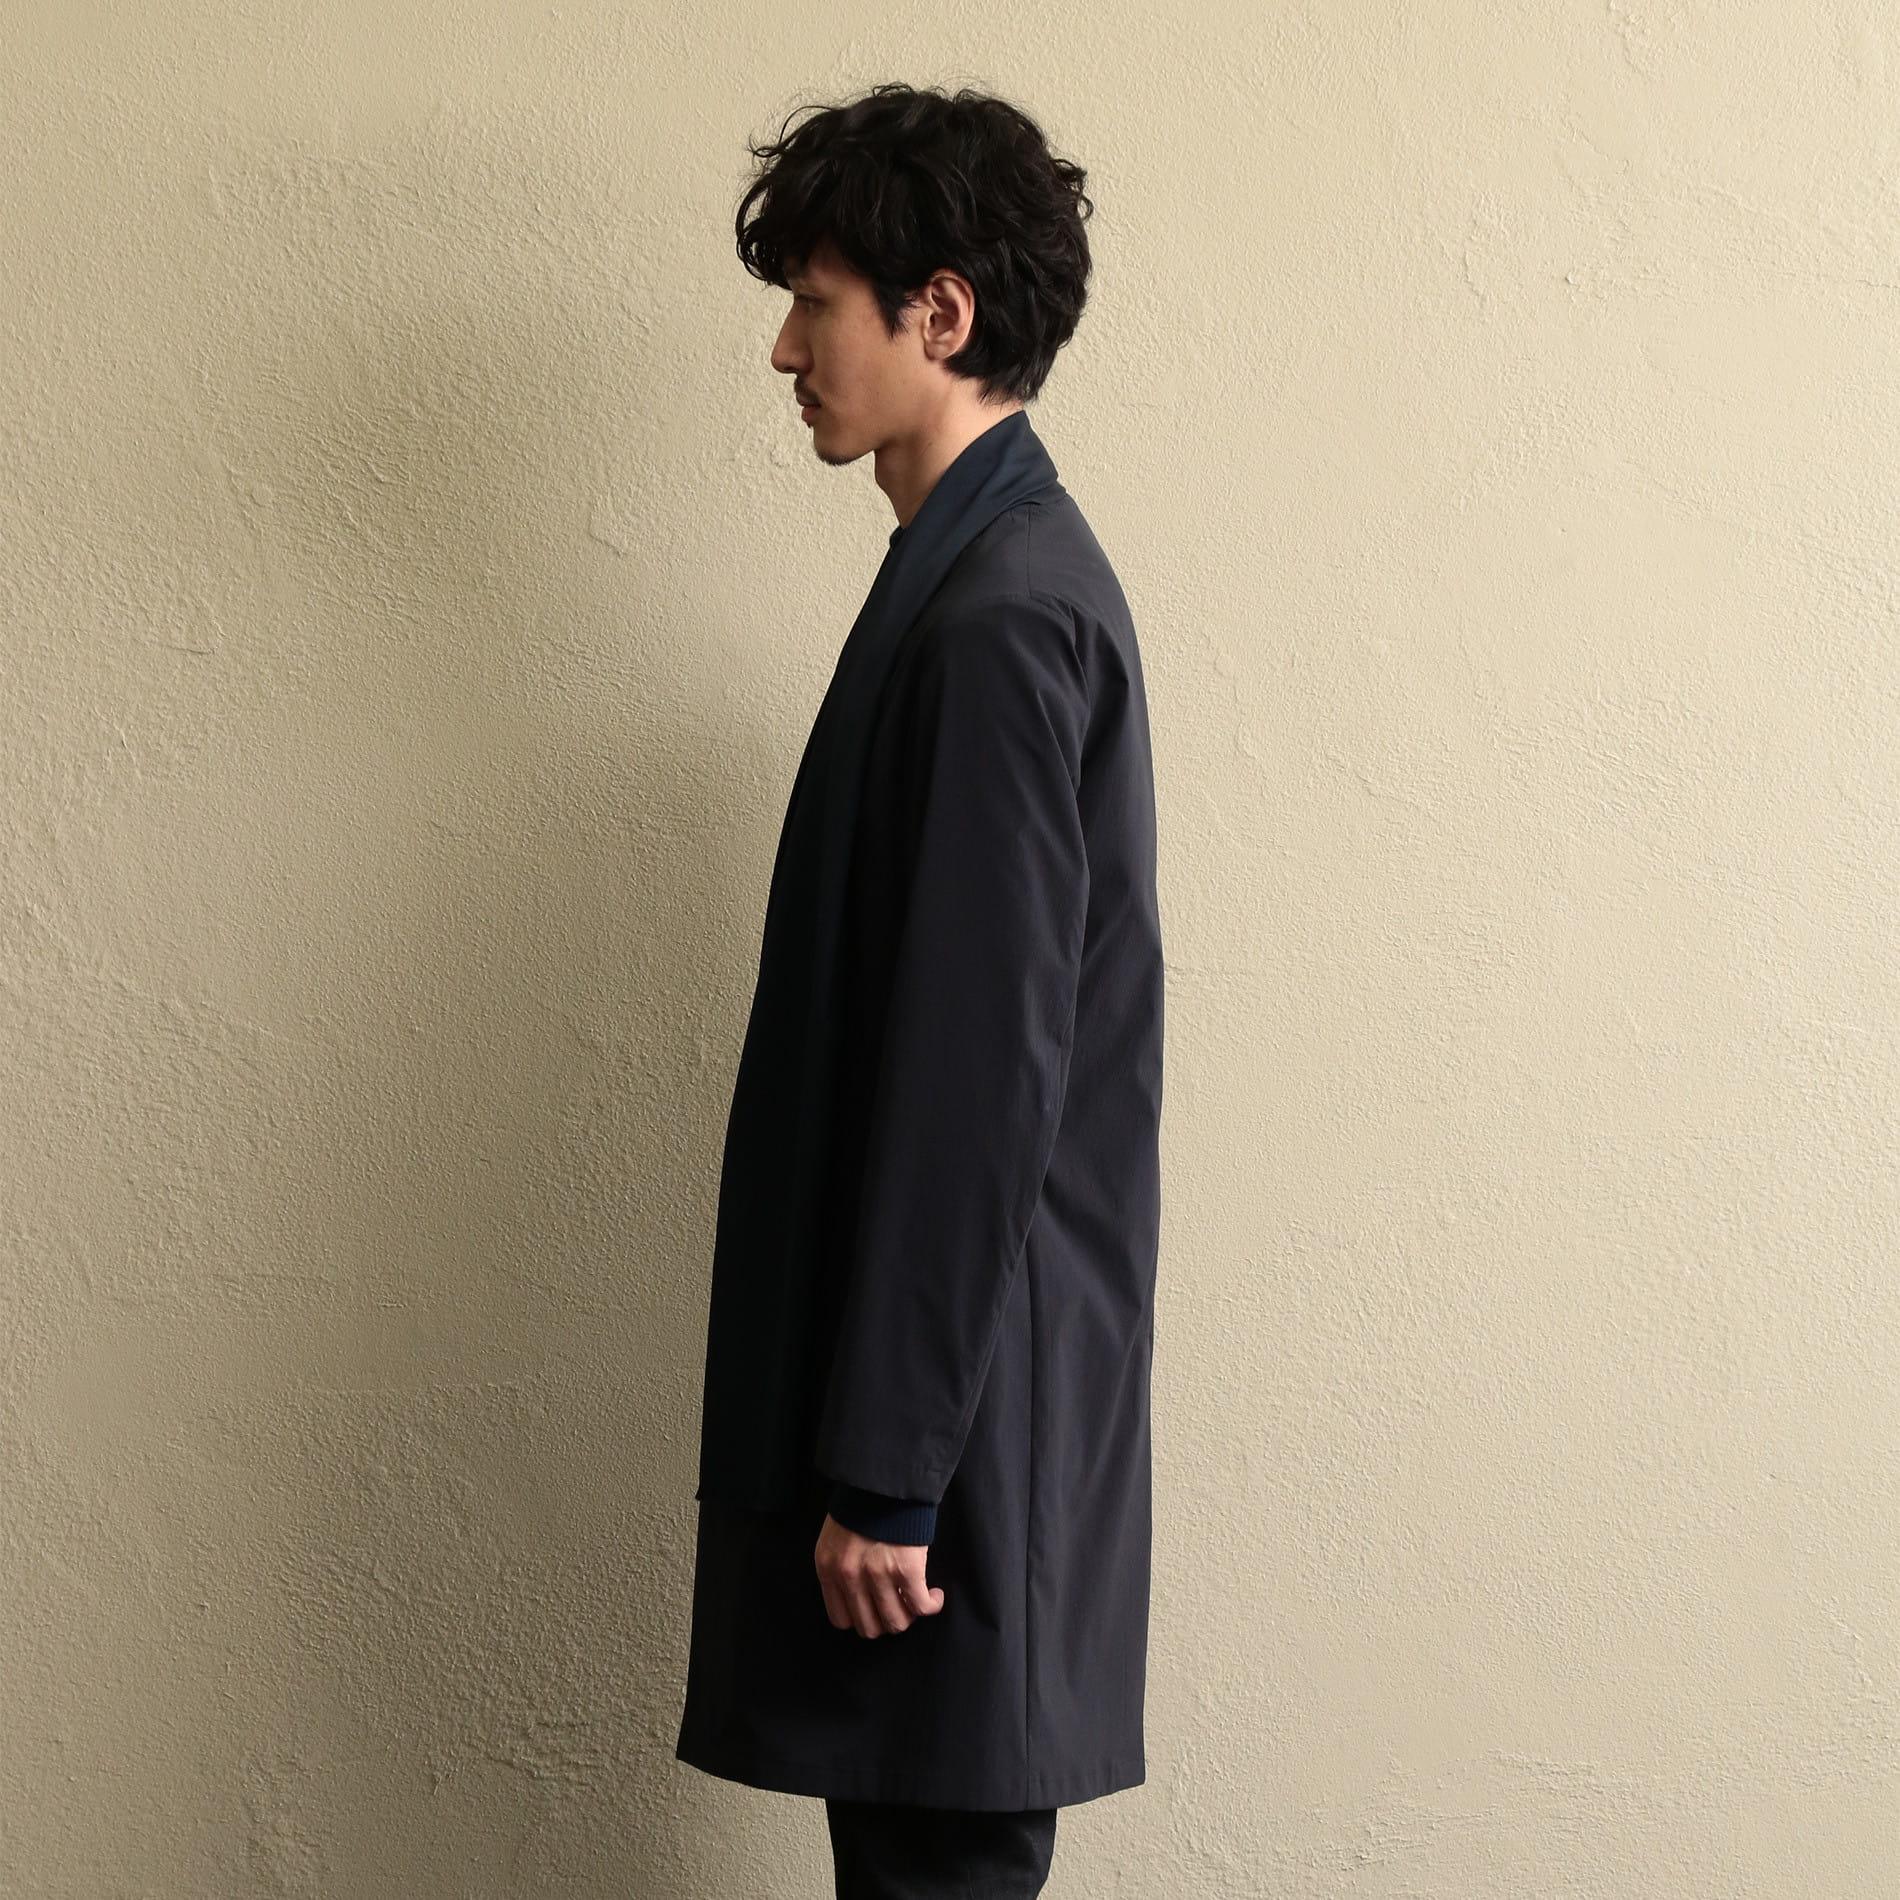 【LF】MEN デタッチャブルボウカラーコート